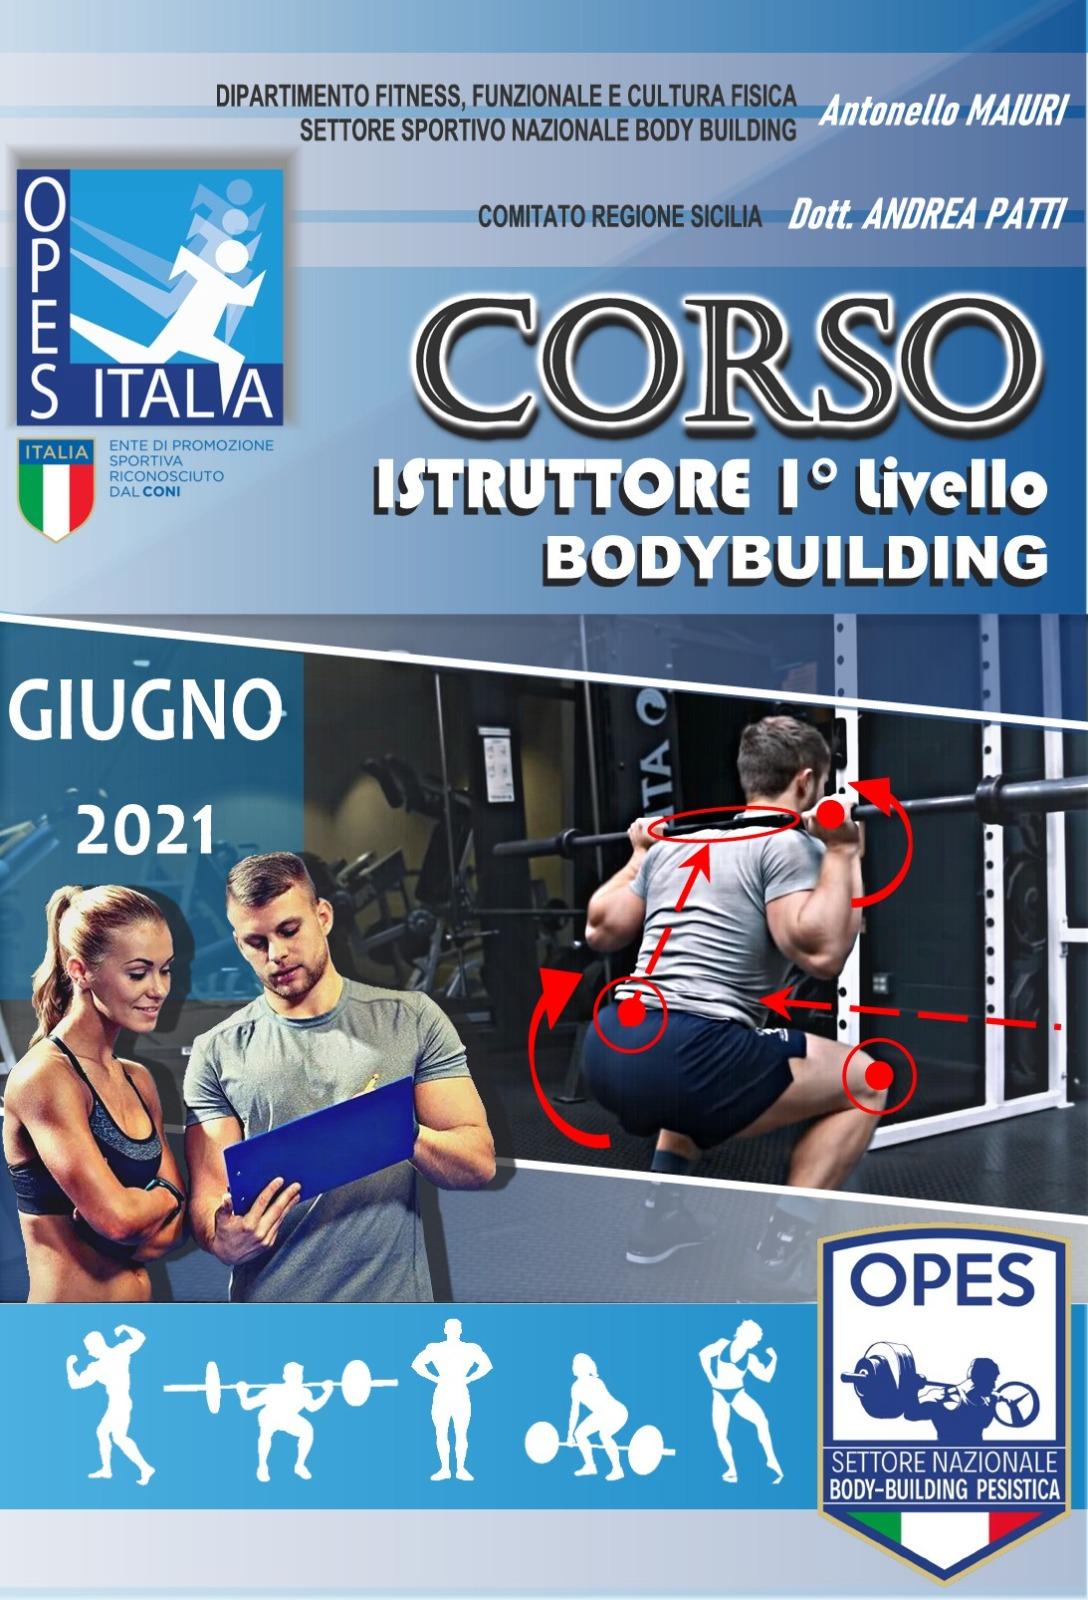 corso istruttore 1° livello Body Building